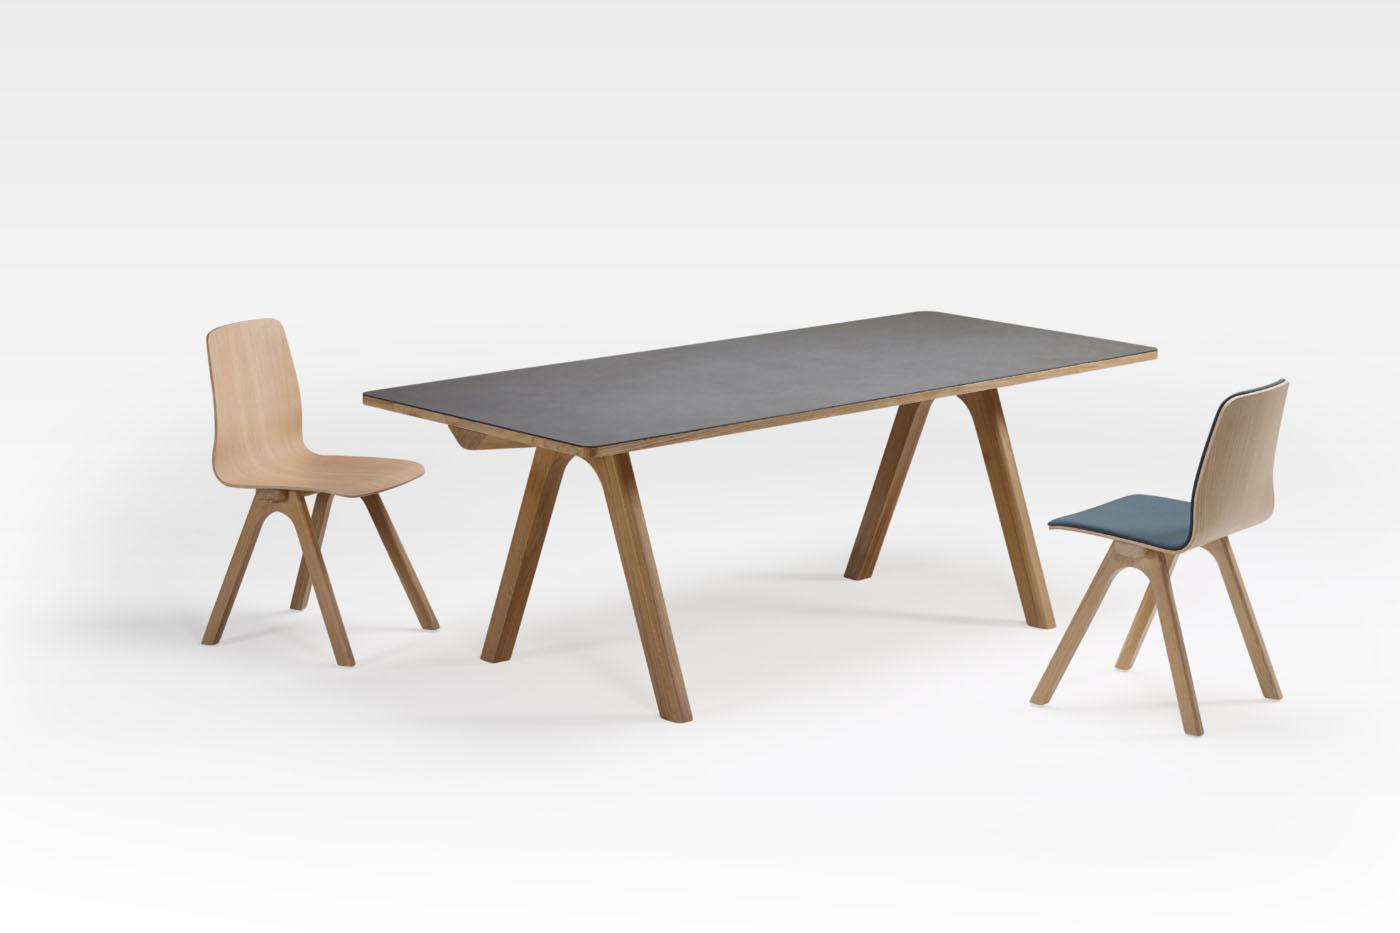 meuble en bois design et de qualit dasras meuble et d coration marseille mobilier design. Black Bedroom Furniture Sets. Home Design Ideas